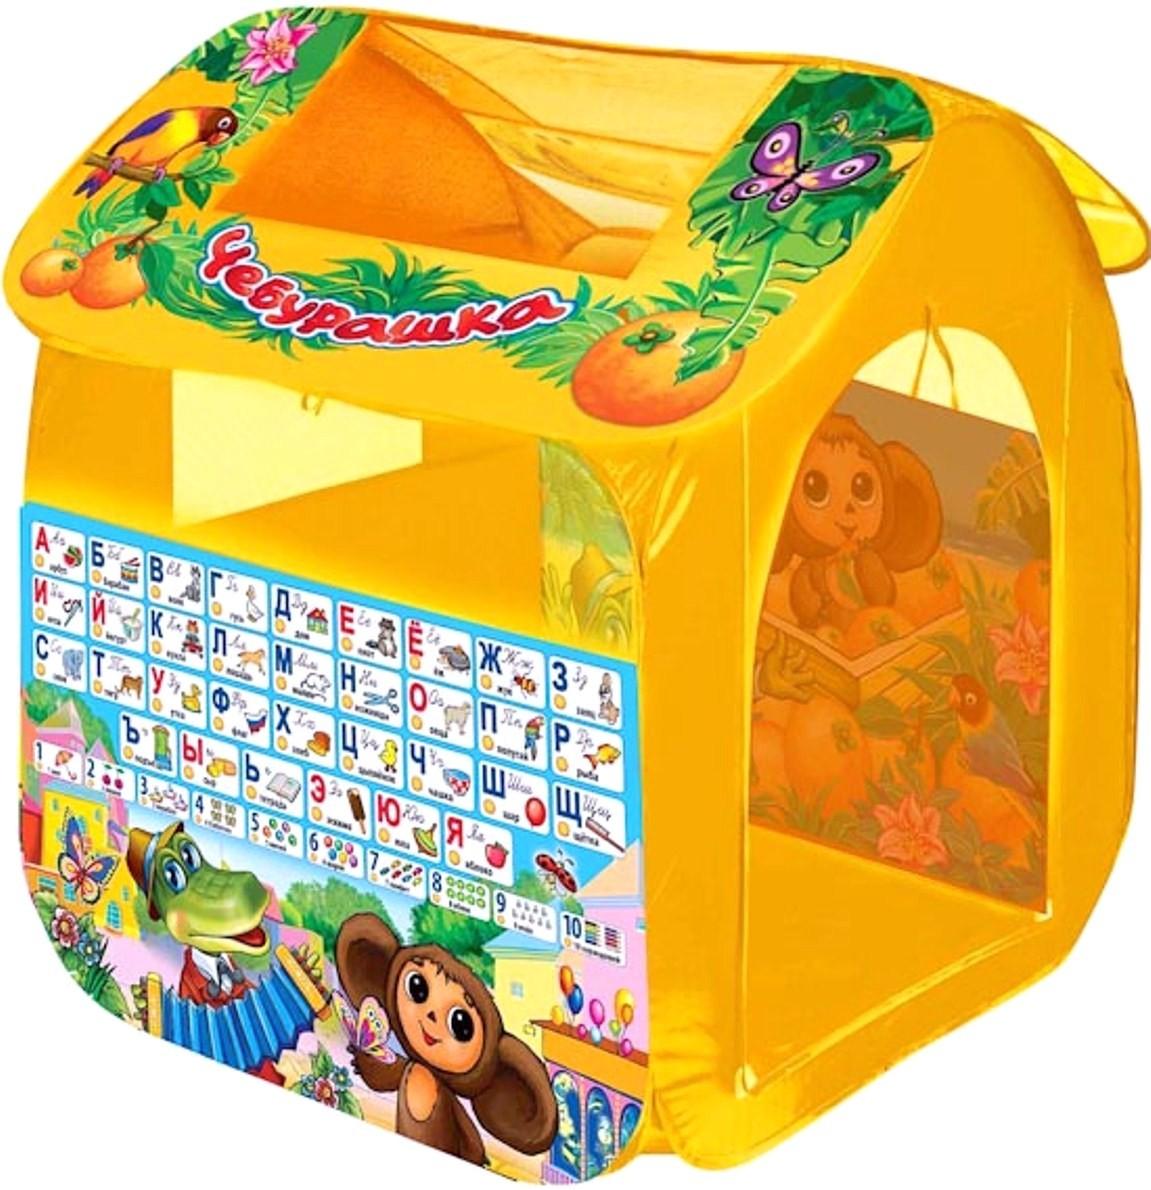 Купить Детская игровая палатка Чебурашка» с азбукой в сумке, Играем вместе